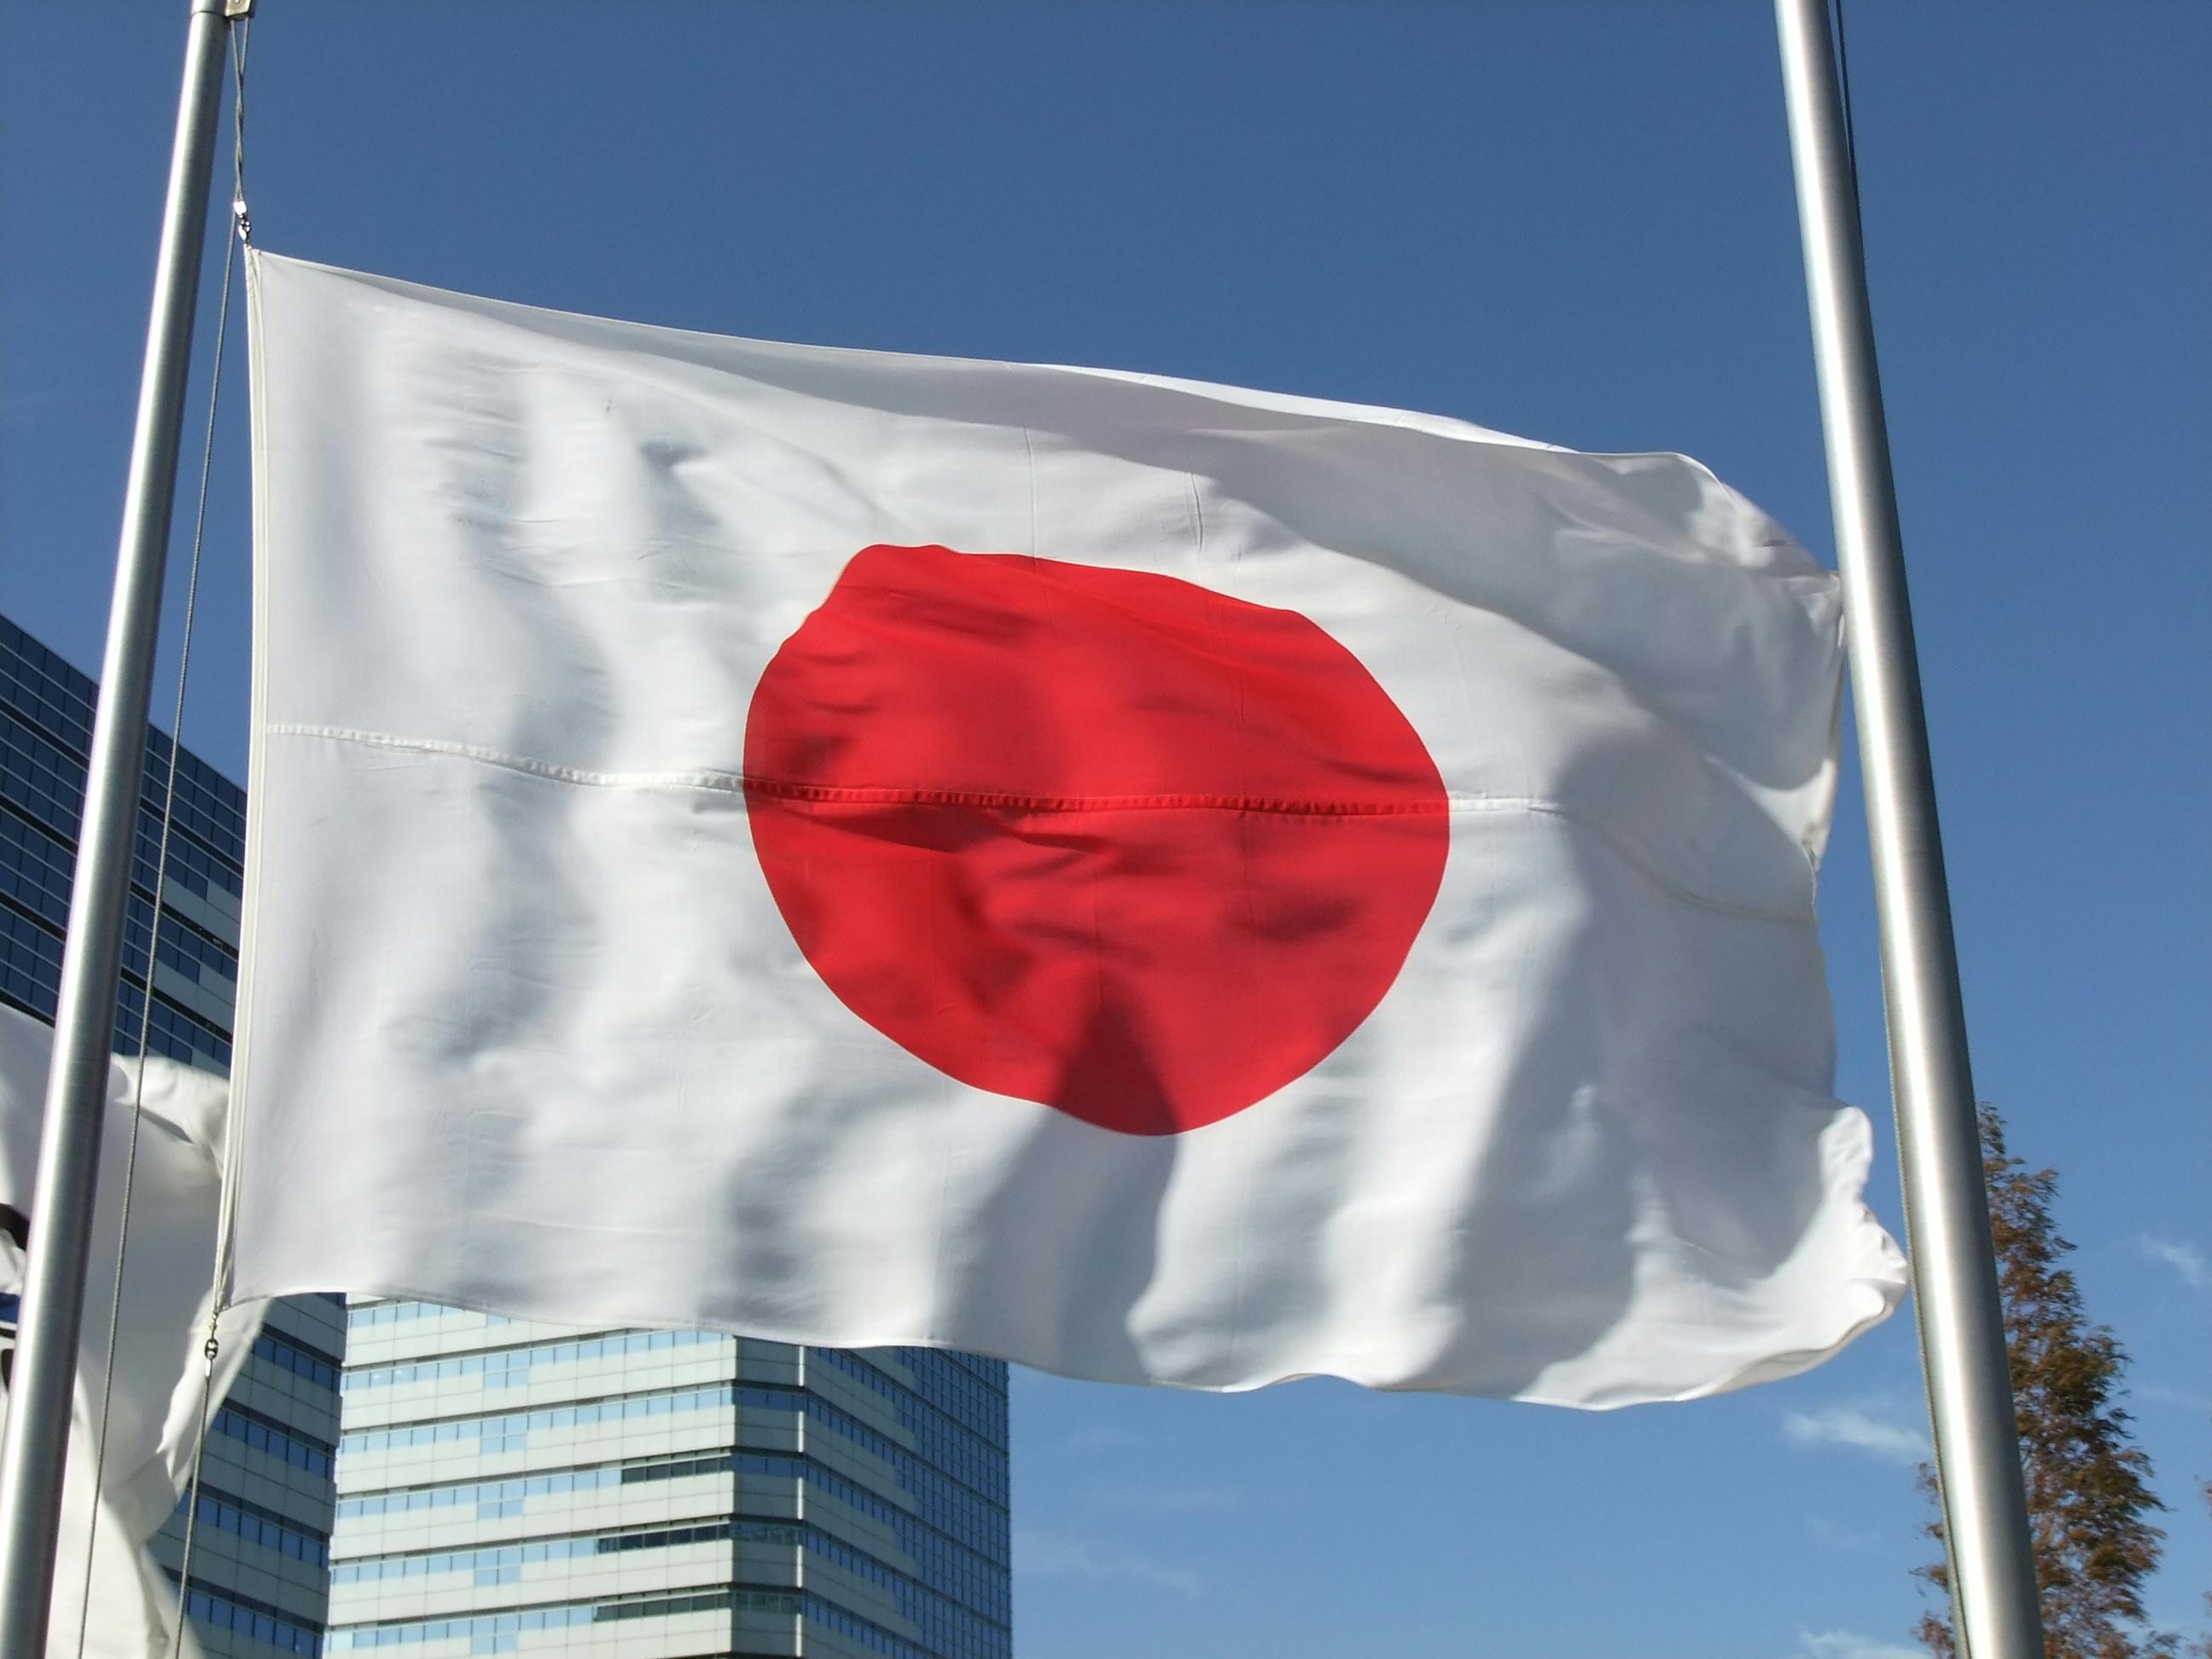 Bancos más importantes de Japón participarán en un grupo de estudio sobre sistema de pagos y monedas digitales